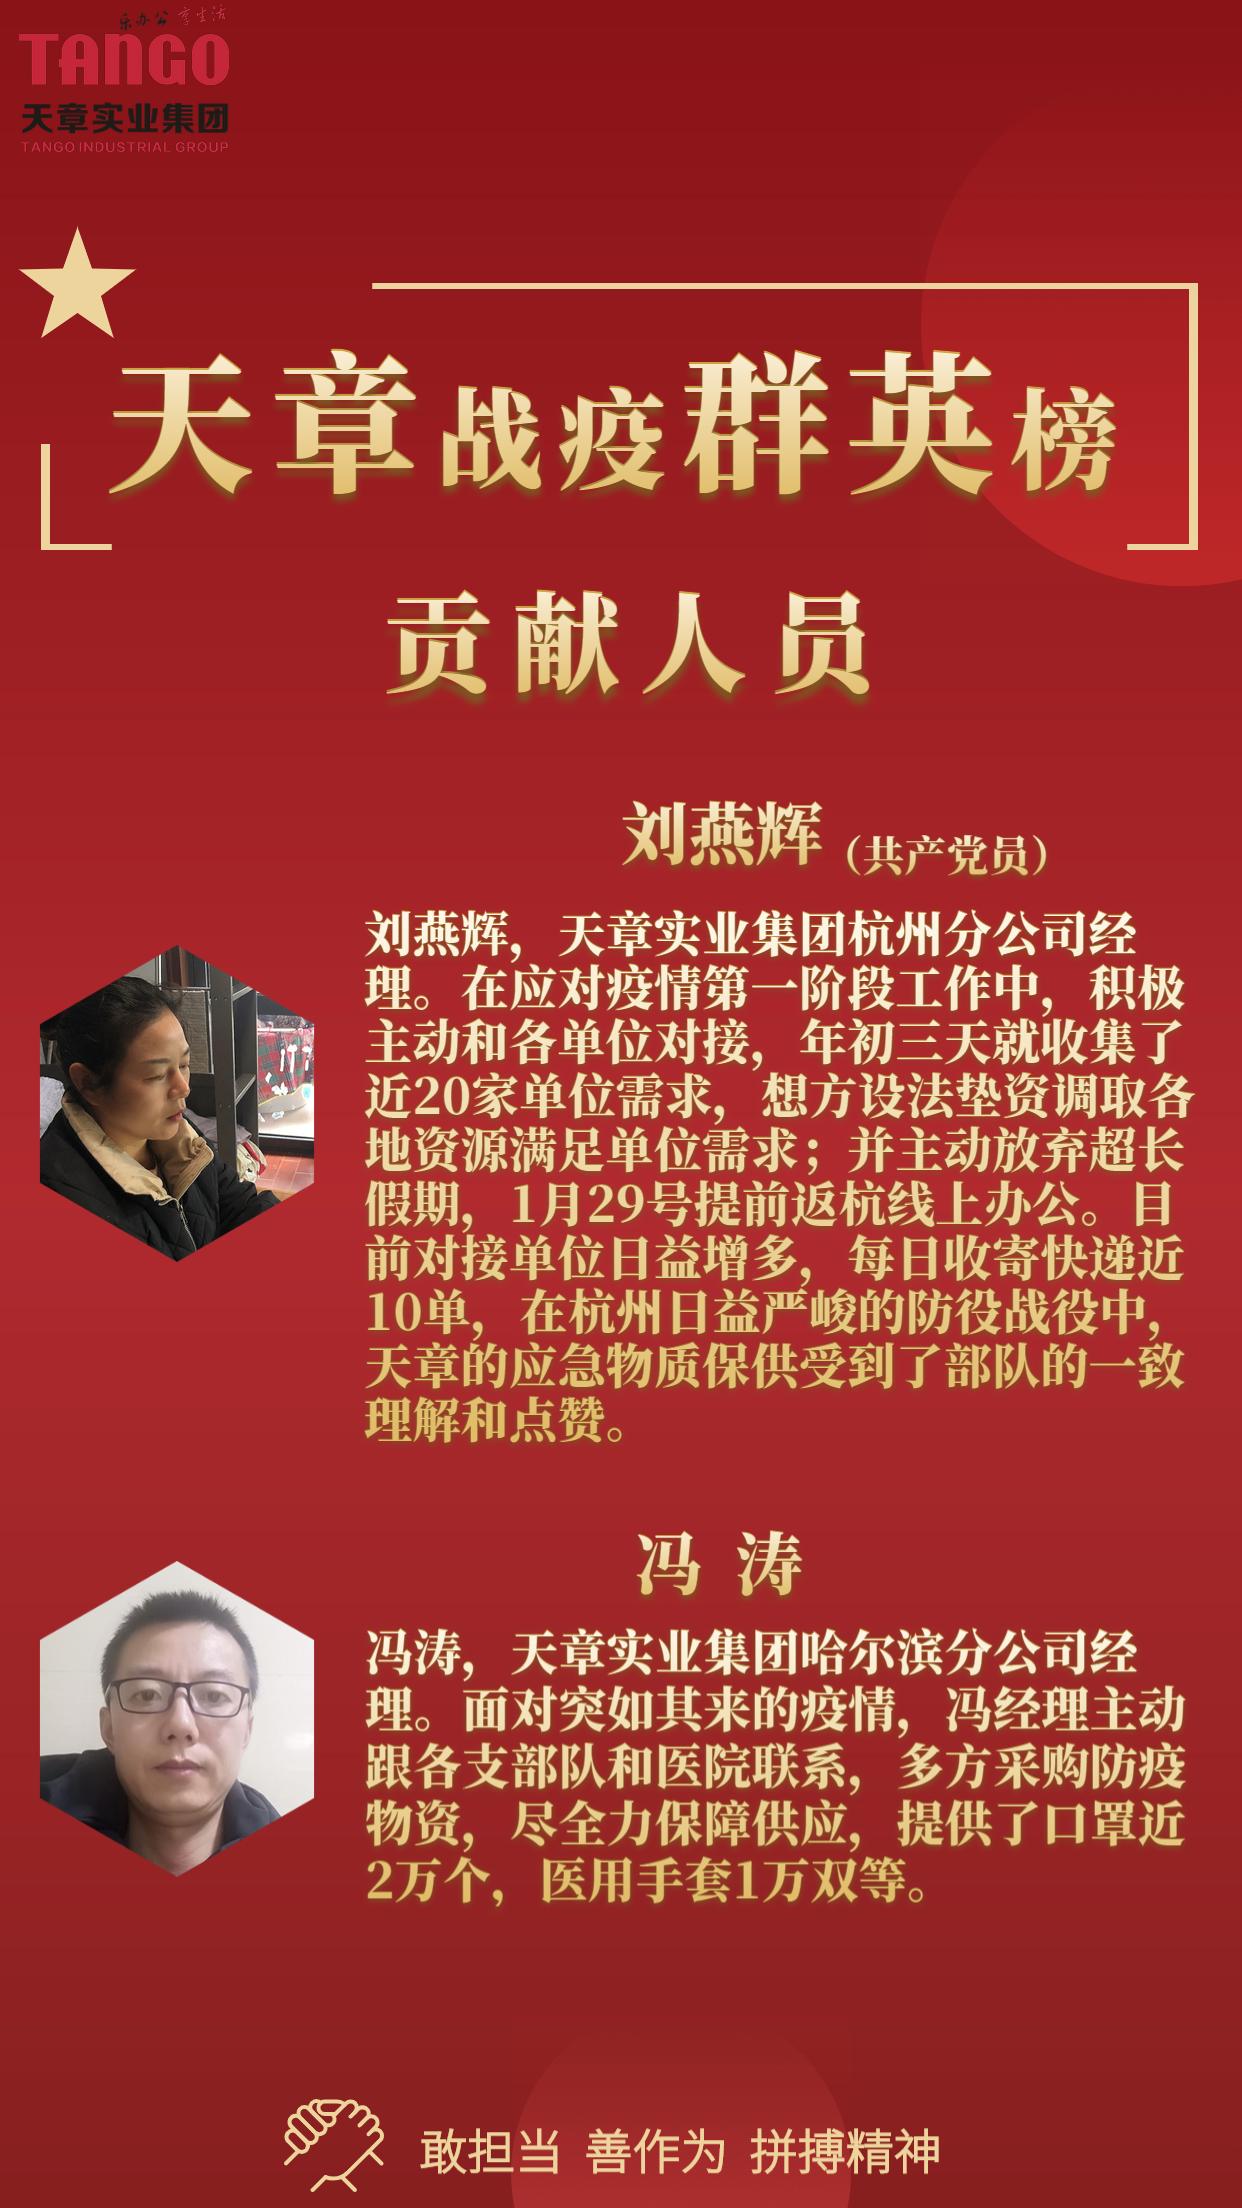 刘燕辉冯涛海报